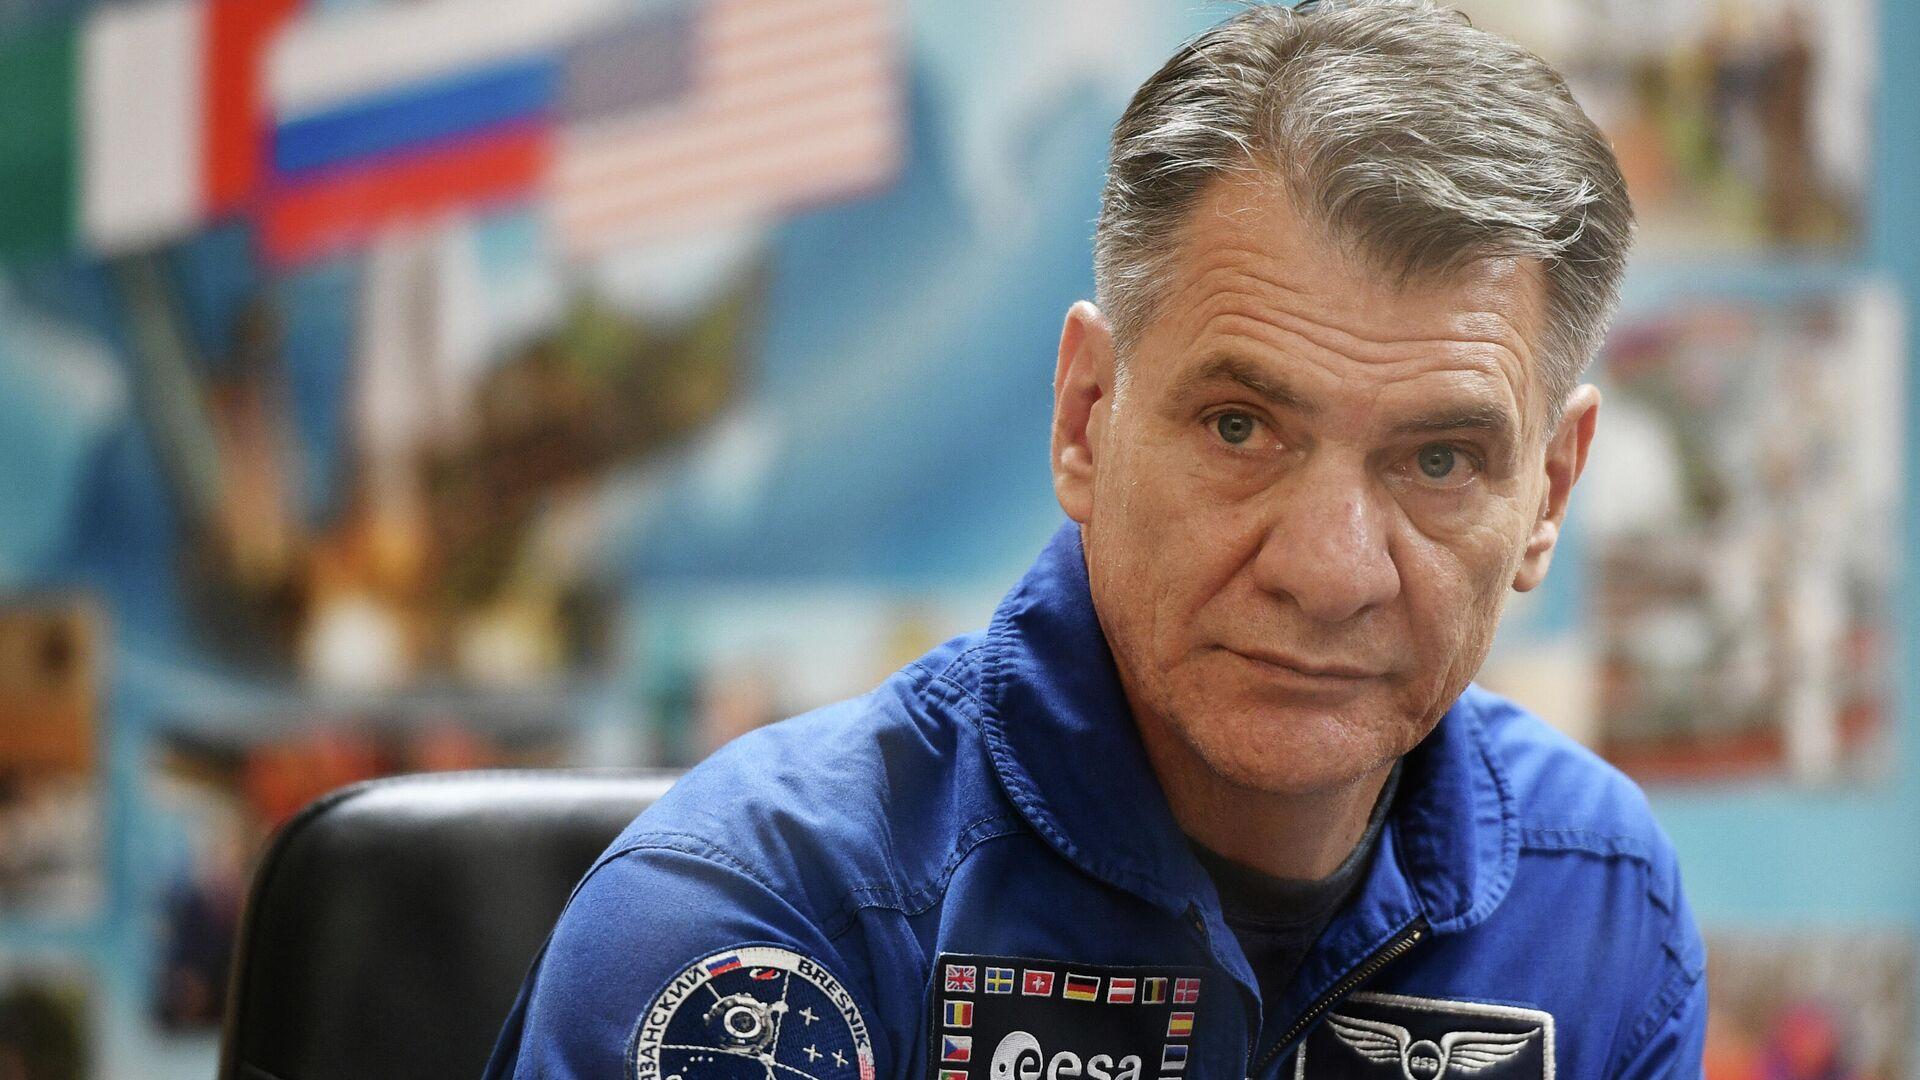 Итальянский астронавт Паоло Несполи сообщил, что заболел раком